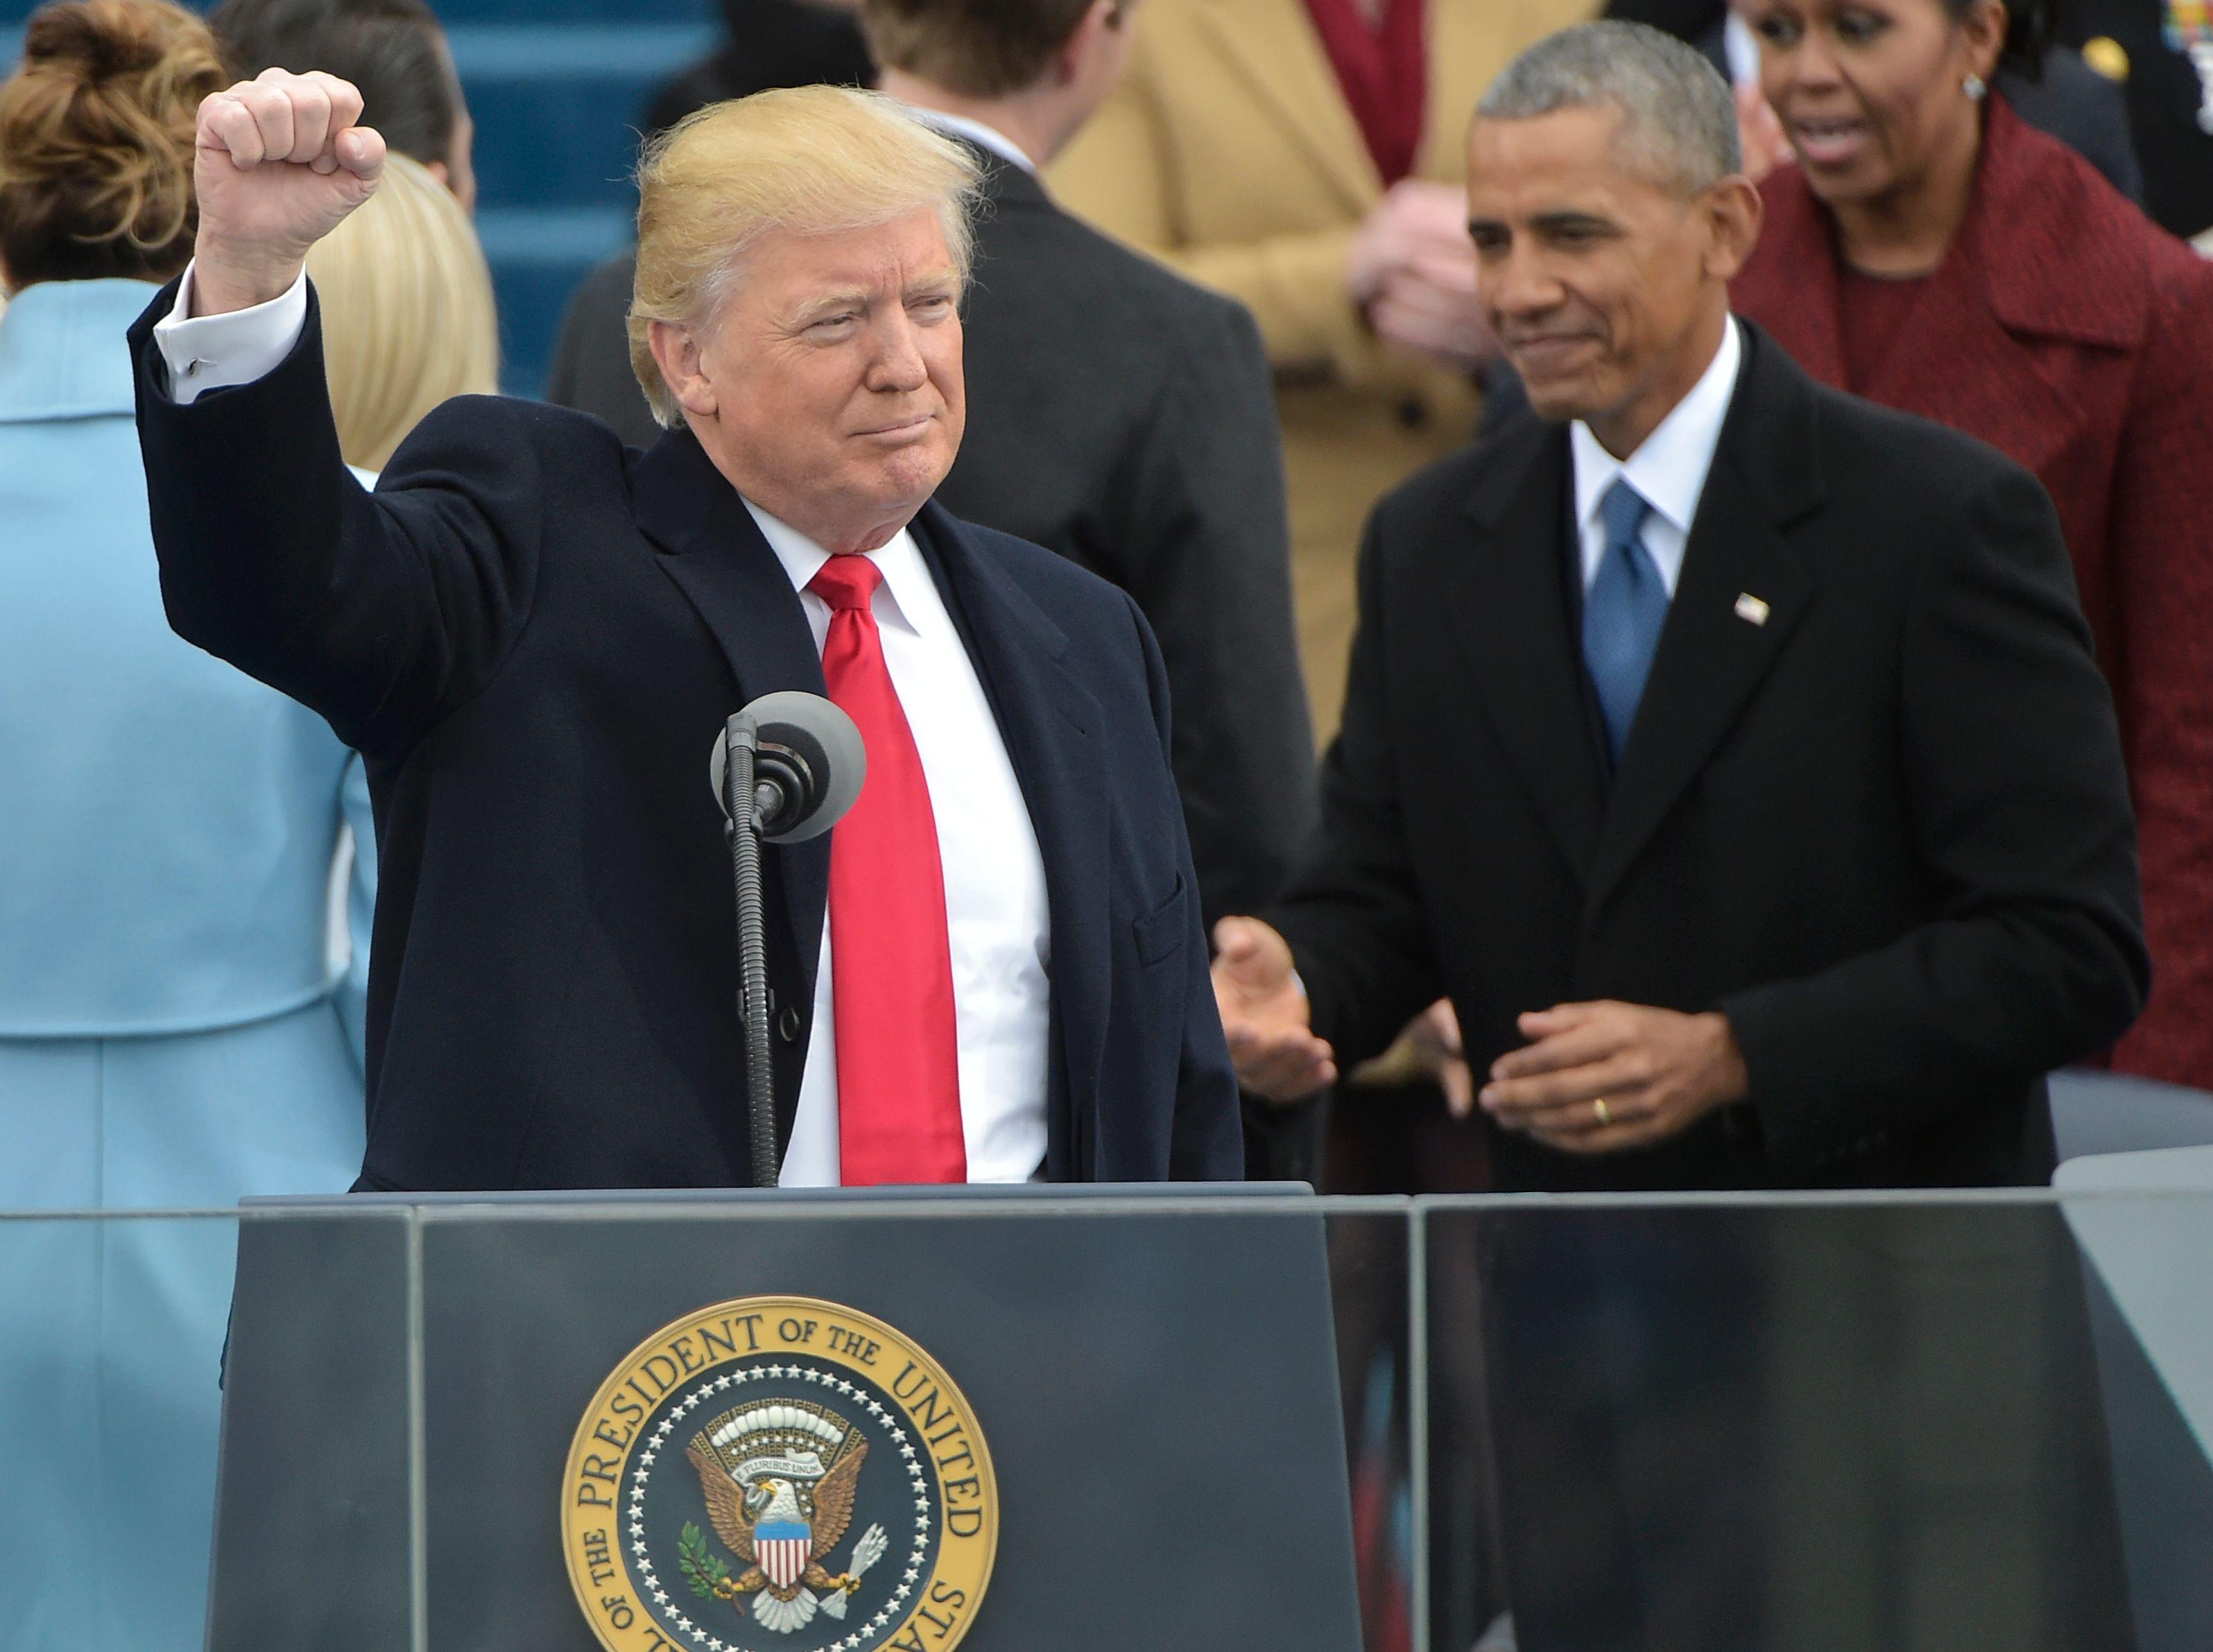 ترامب يحيى الحضور فى قاعة الكابيتول